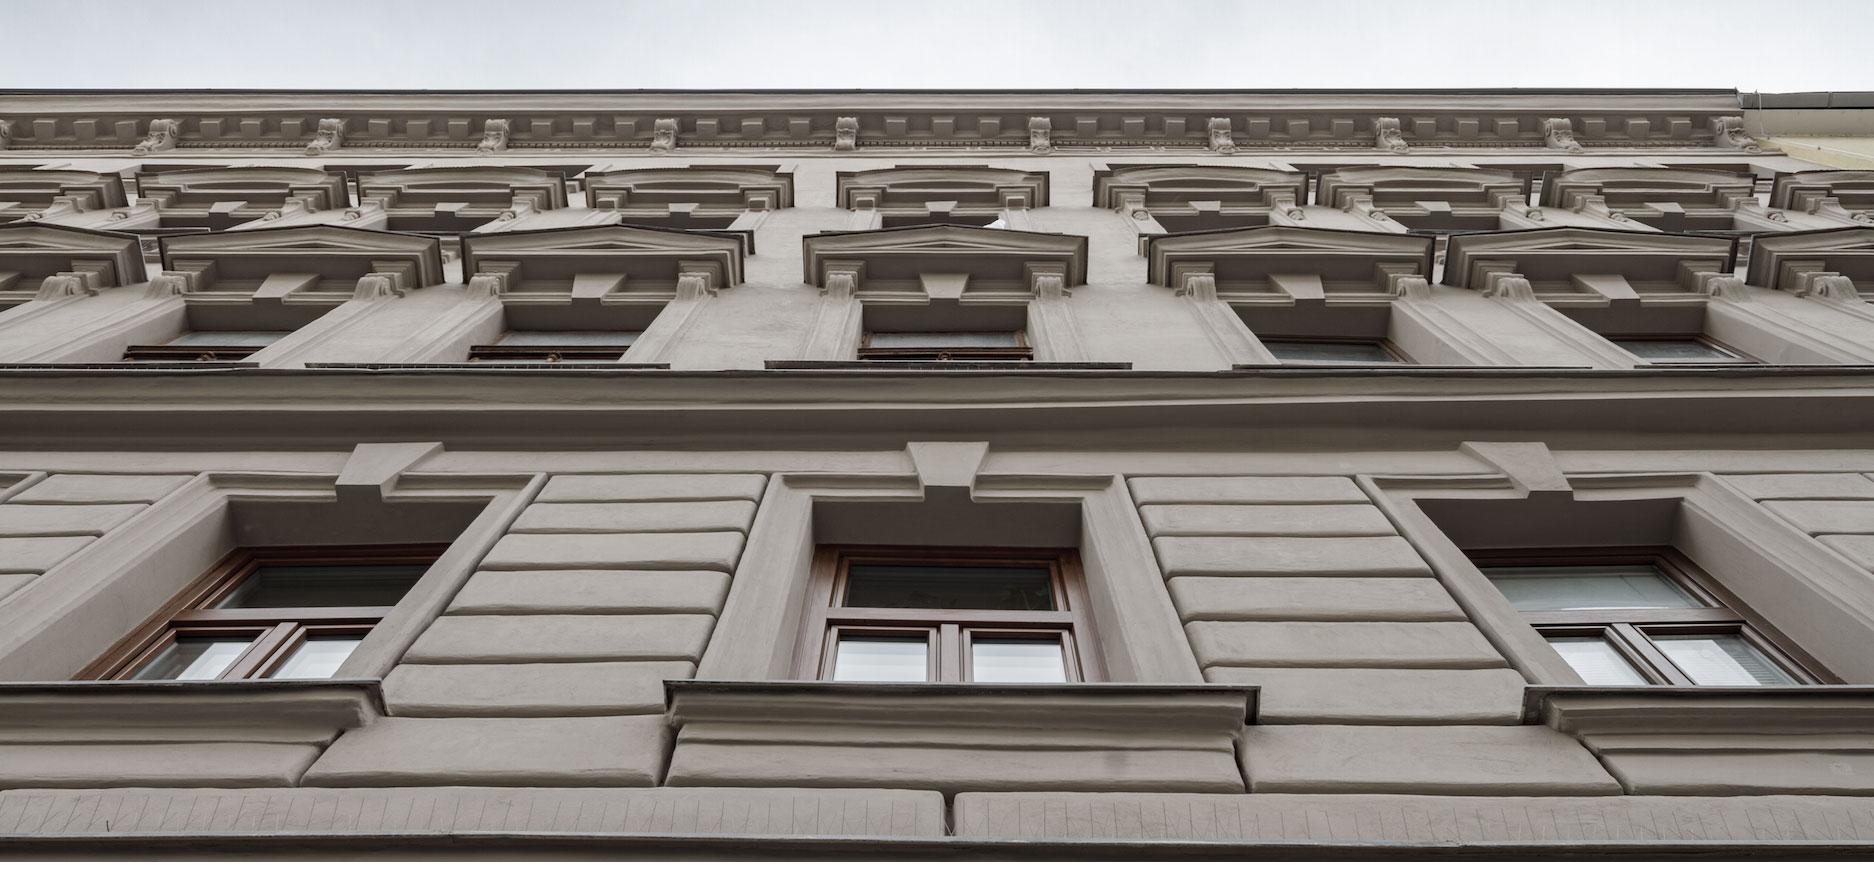 AVEST - Immobilie in der Arbeitergasse, 1050 Wien, Außenaufnahmen der Fassade mit Blick nach oben